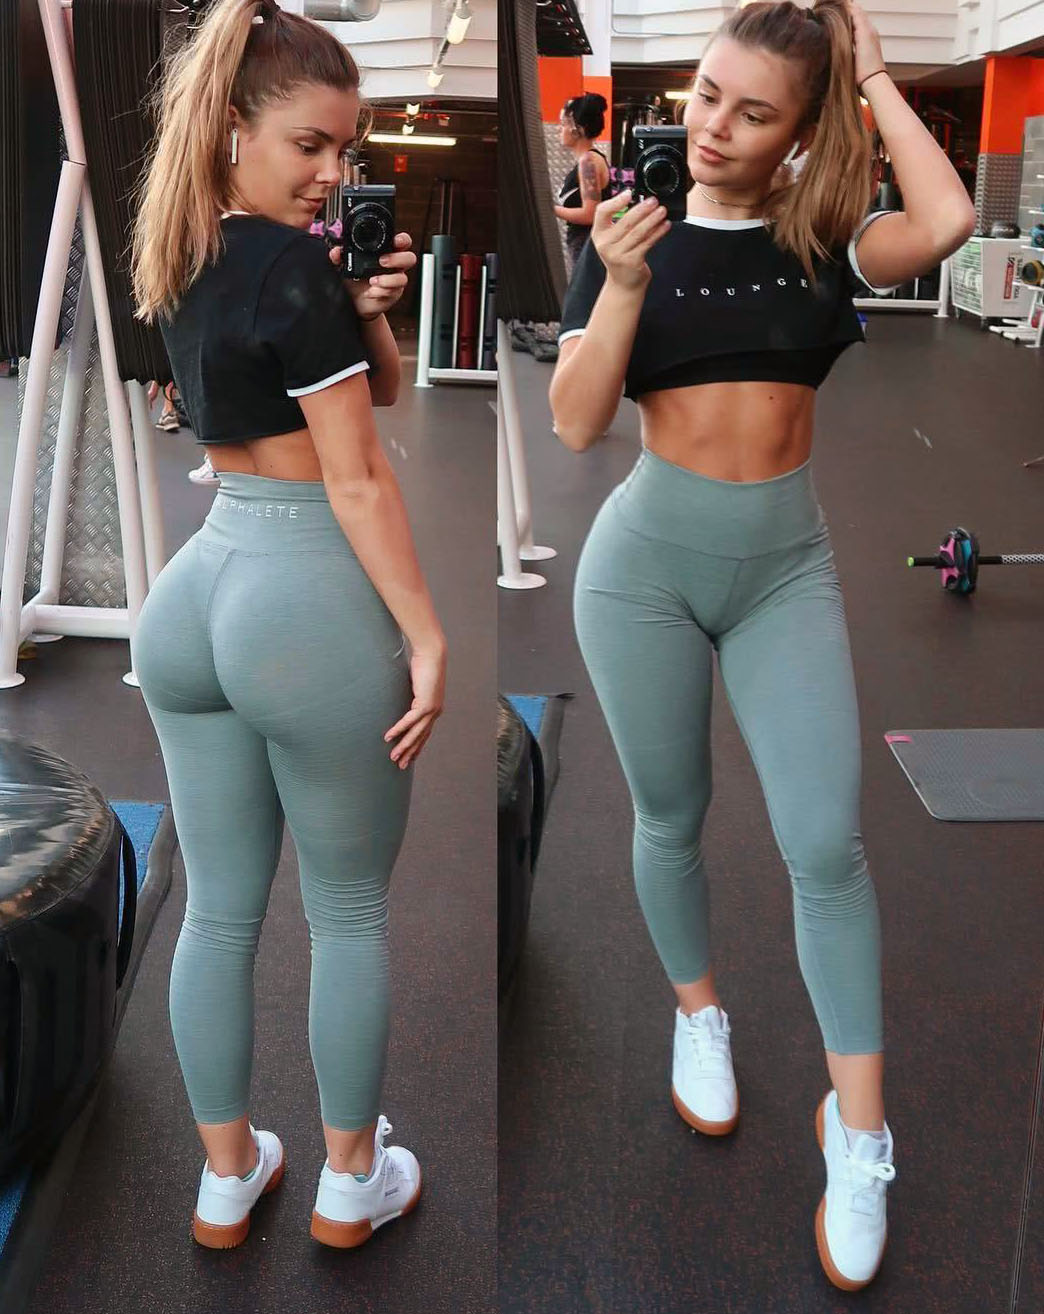 女子利用大学空闲时间健身,前后发生变化很大,其体重却被质疑!